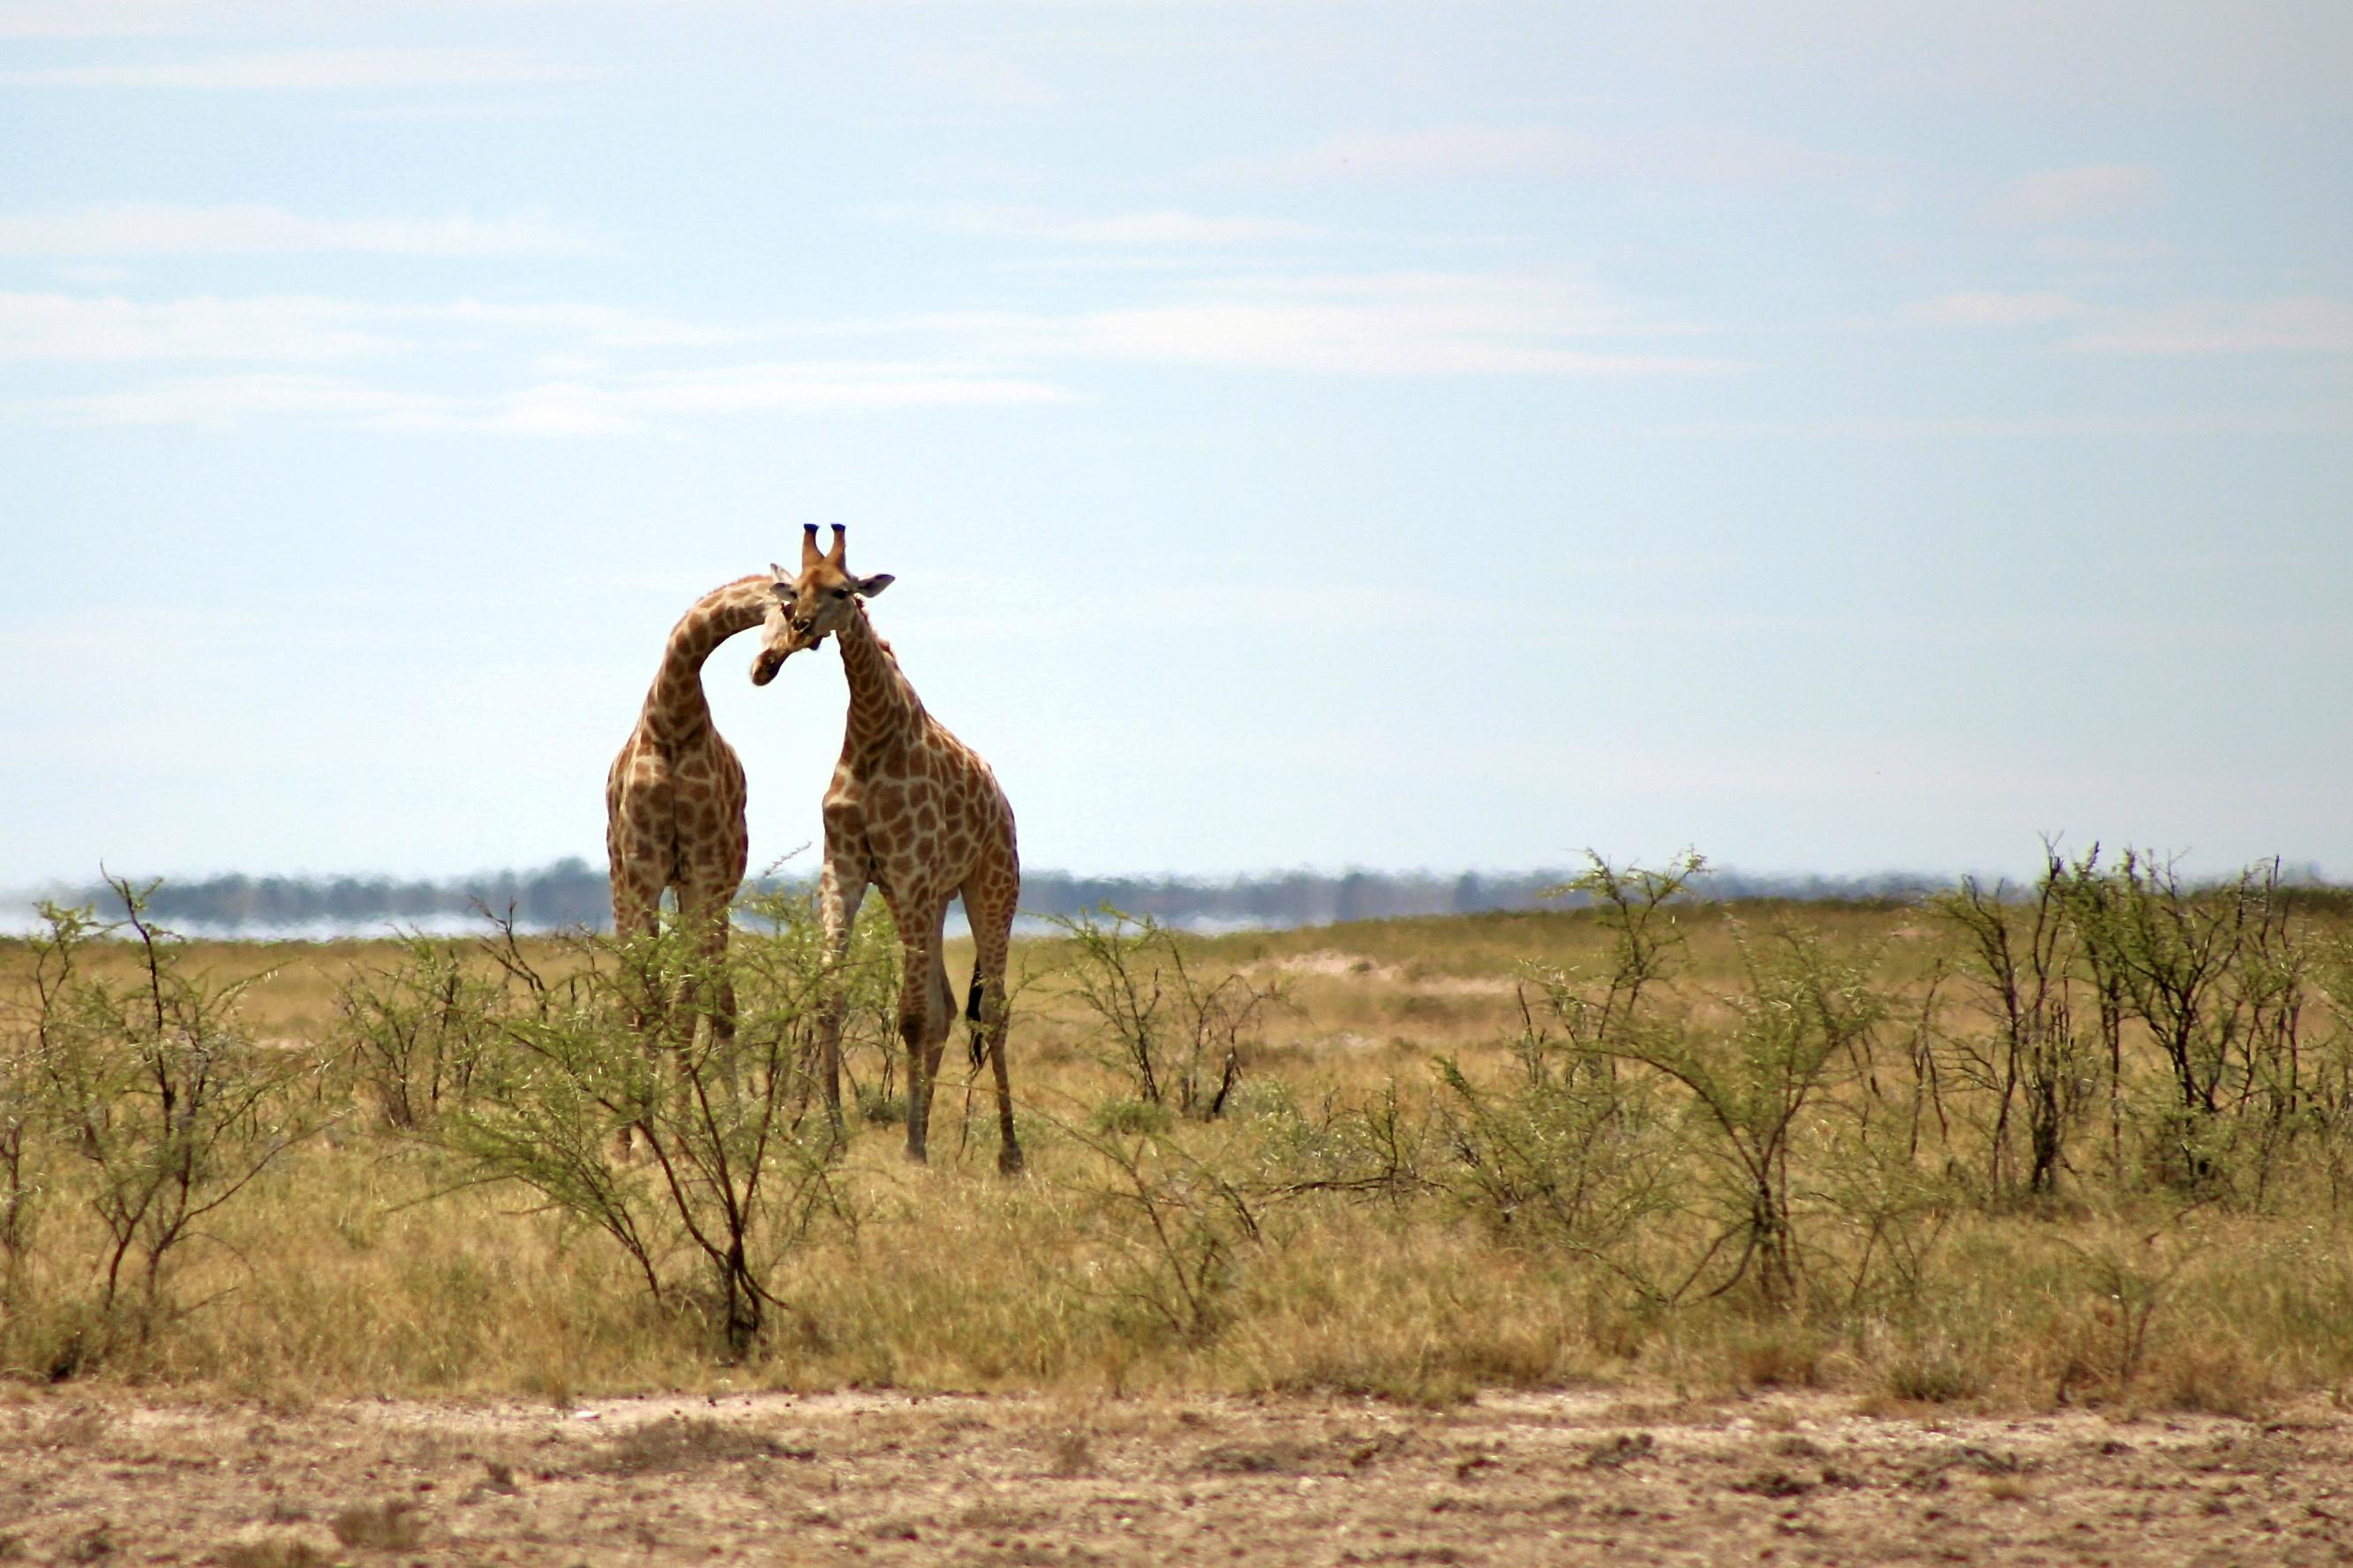 huwelijksreis namibie